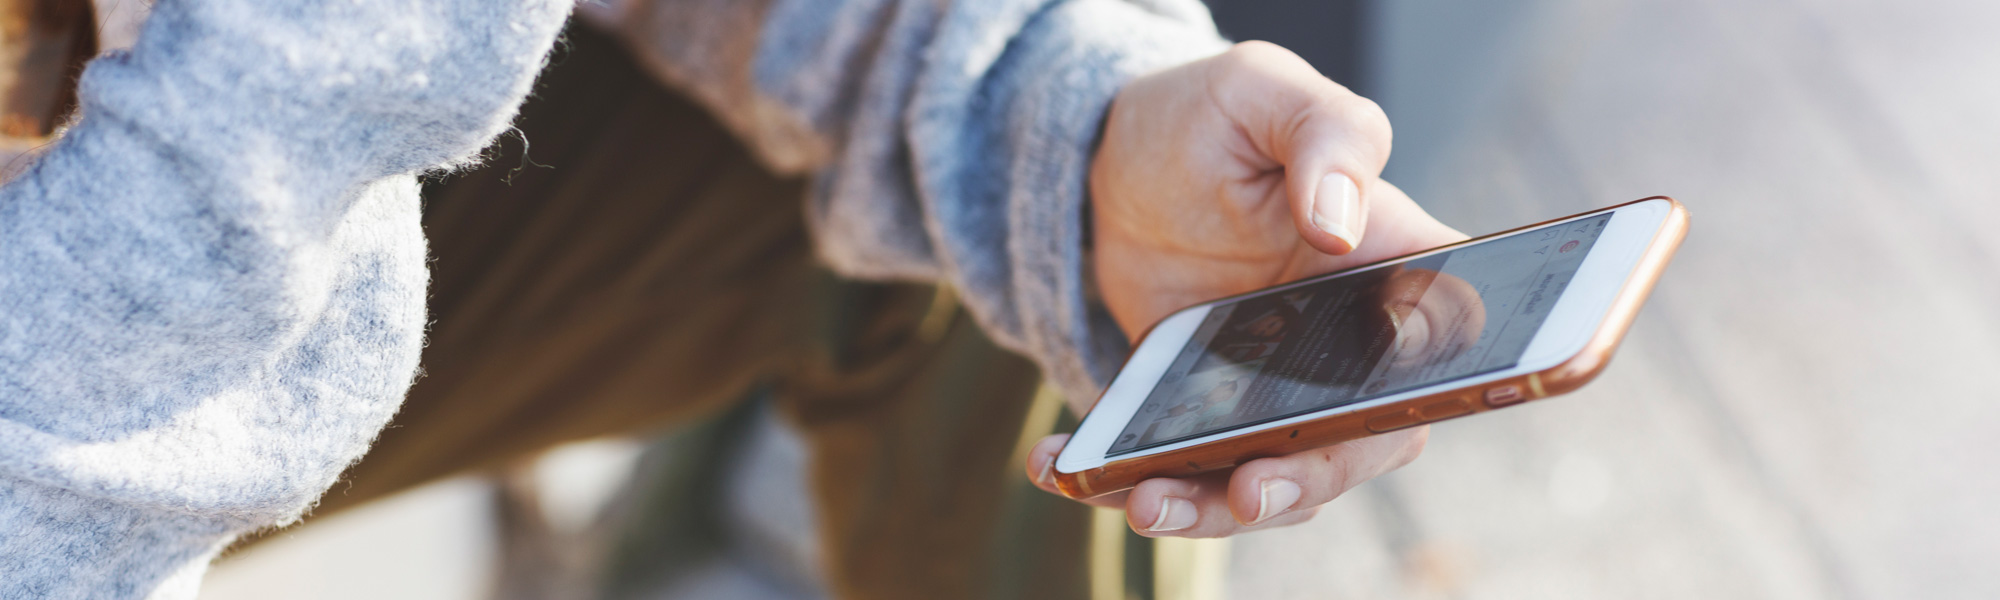 MODERNSTES SERVICE IN DER GANZEN TRAISENTAL-PRÄRIE: BERATUNG PER SMARTPHONE!